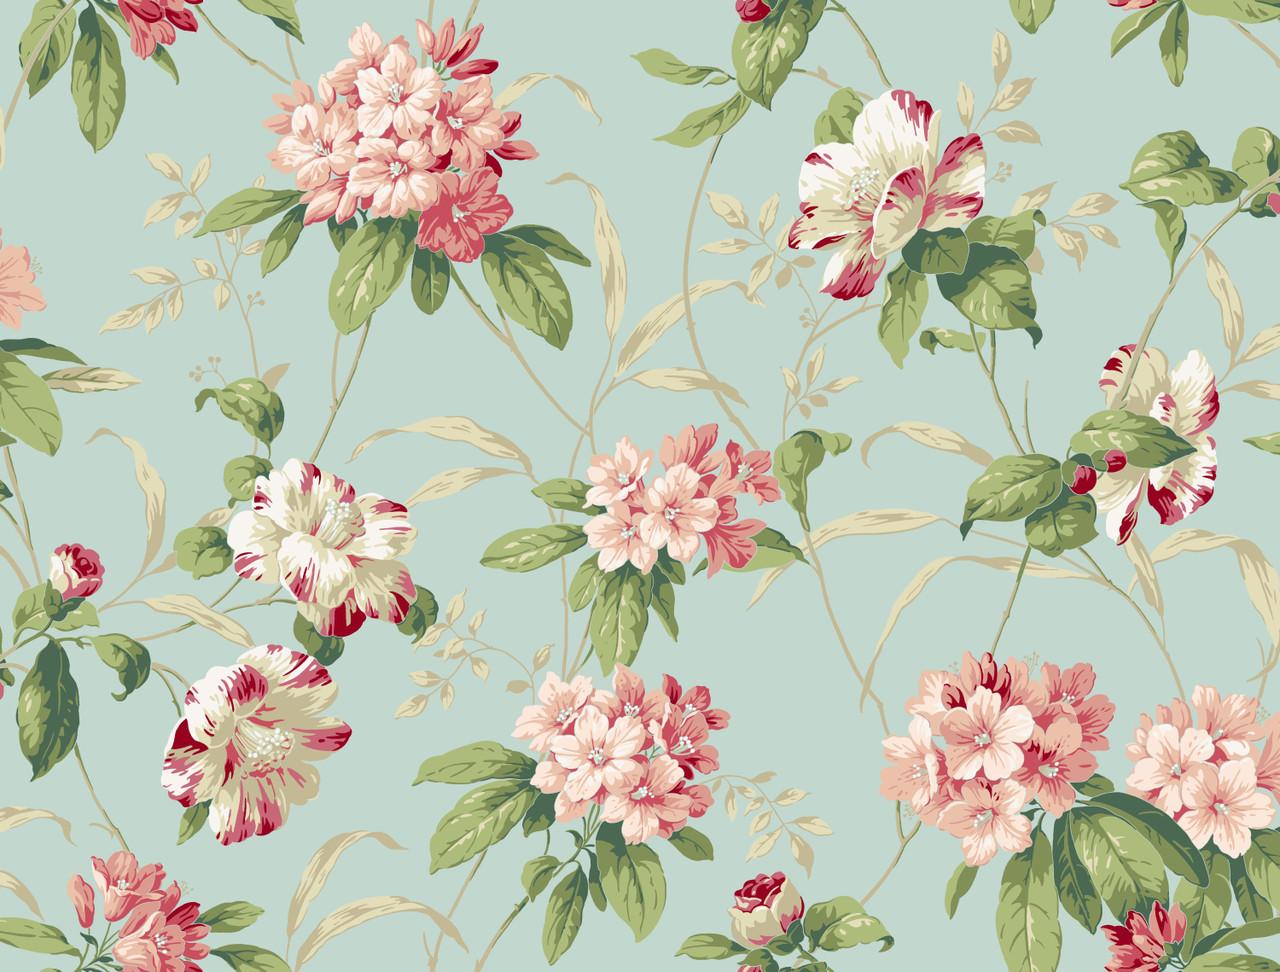 Casabella Ii Ba4540 Rhododendron Floral Wallpaper